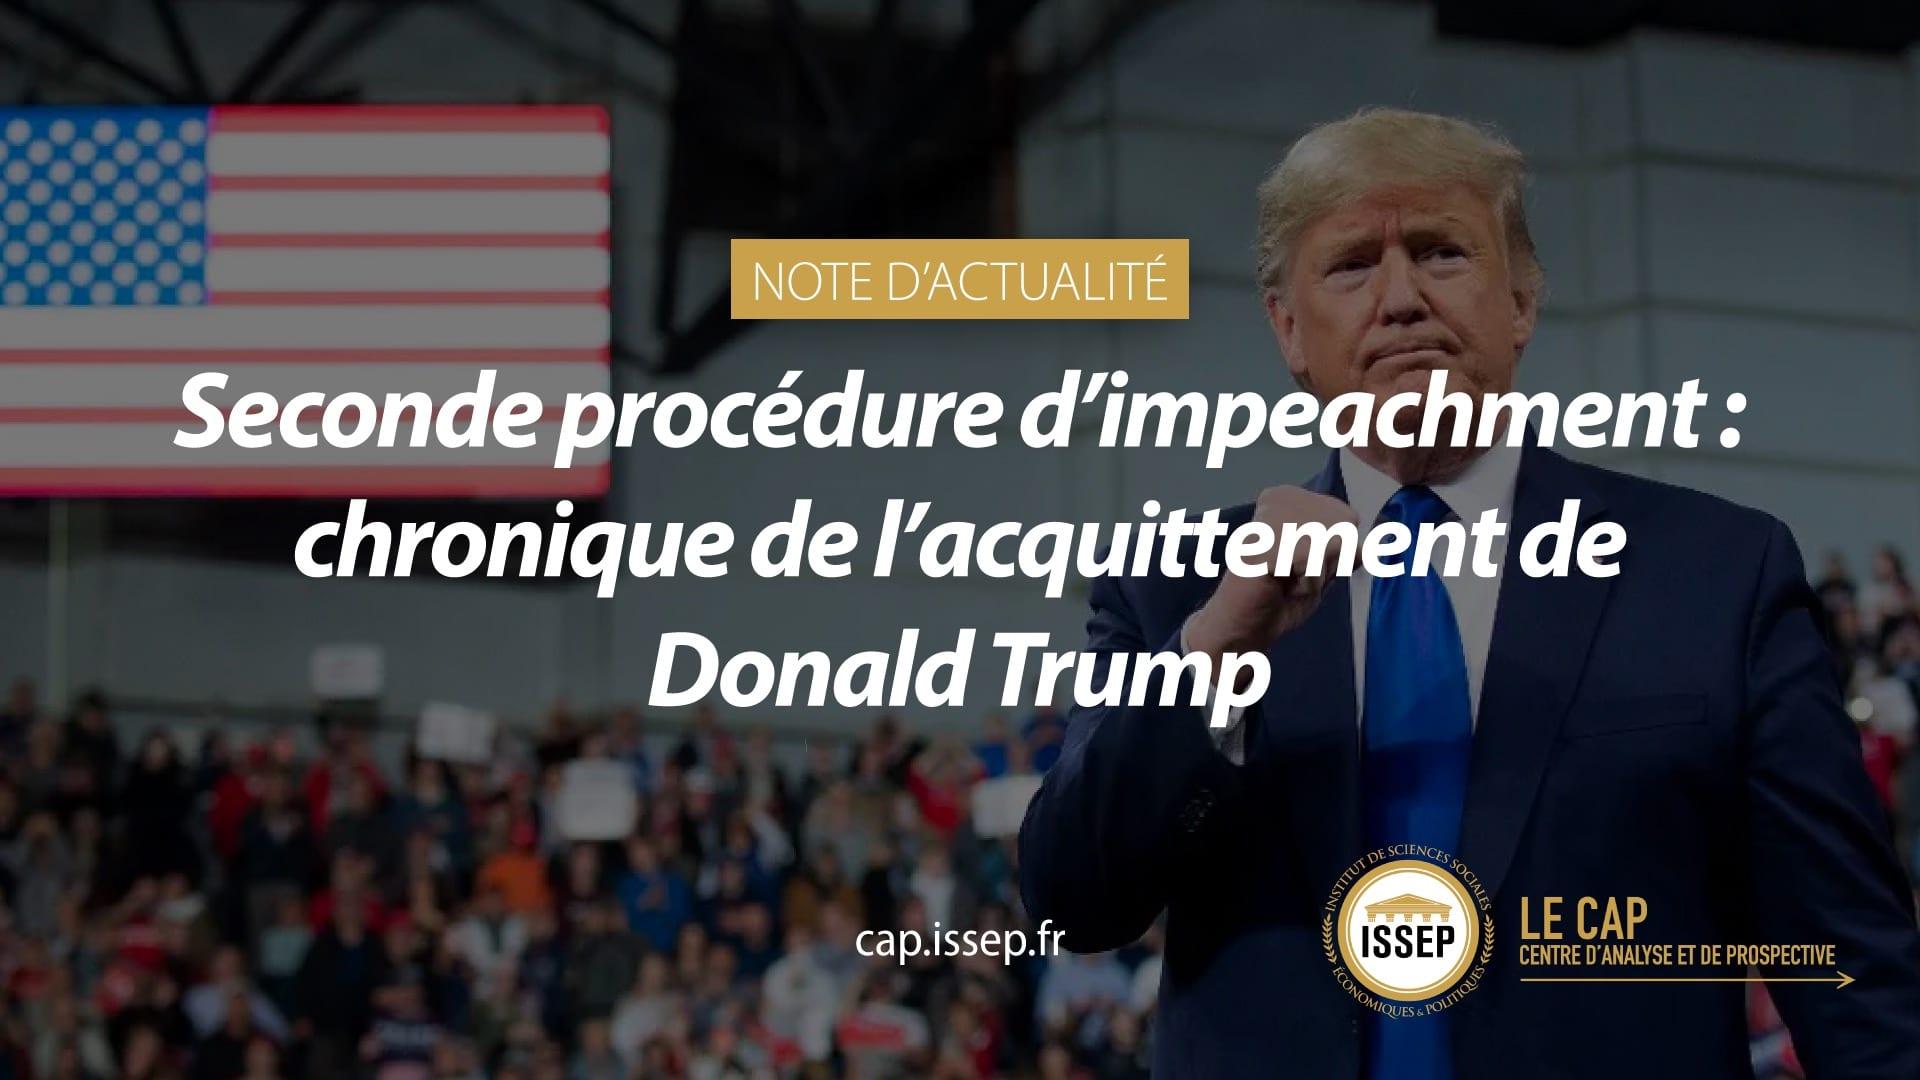 Note d'actualité du CAP de l'ISSEP - Seconde procédure d'impeachment : chronique de l'acquittement de Donald Trump